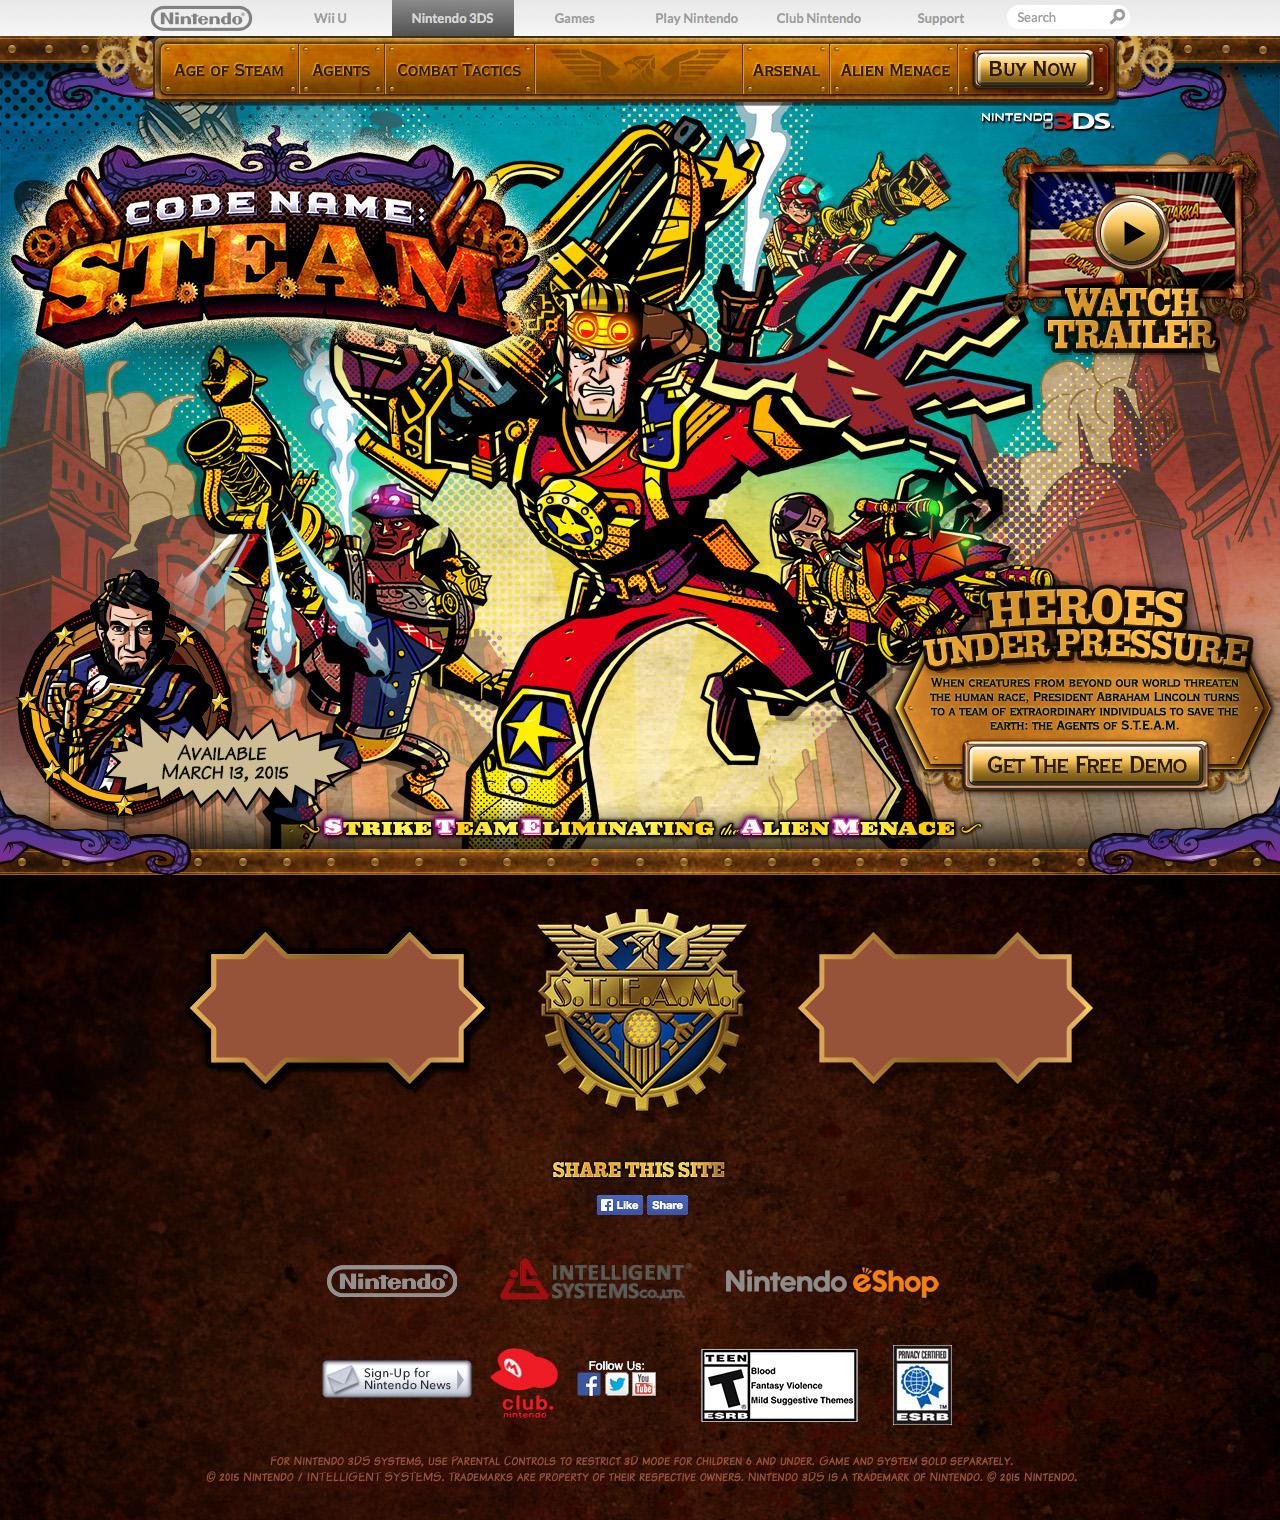 STEAM Website